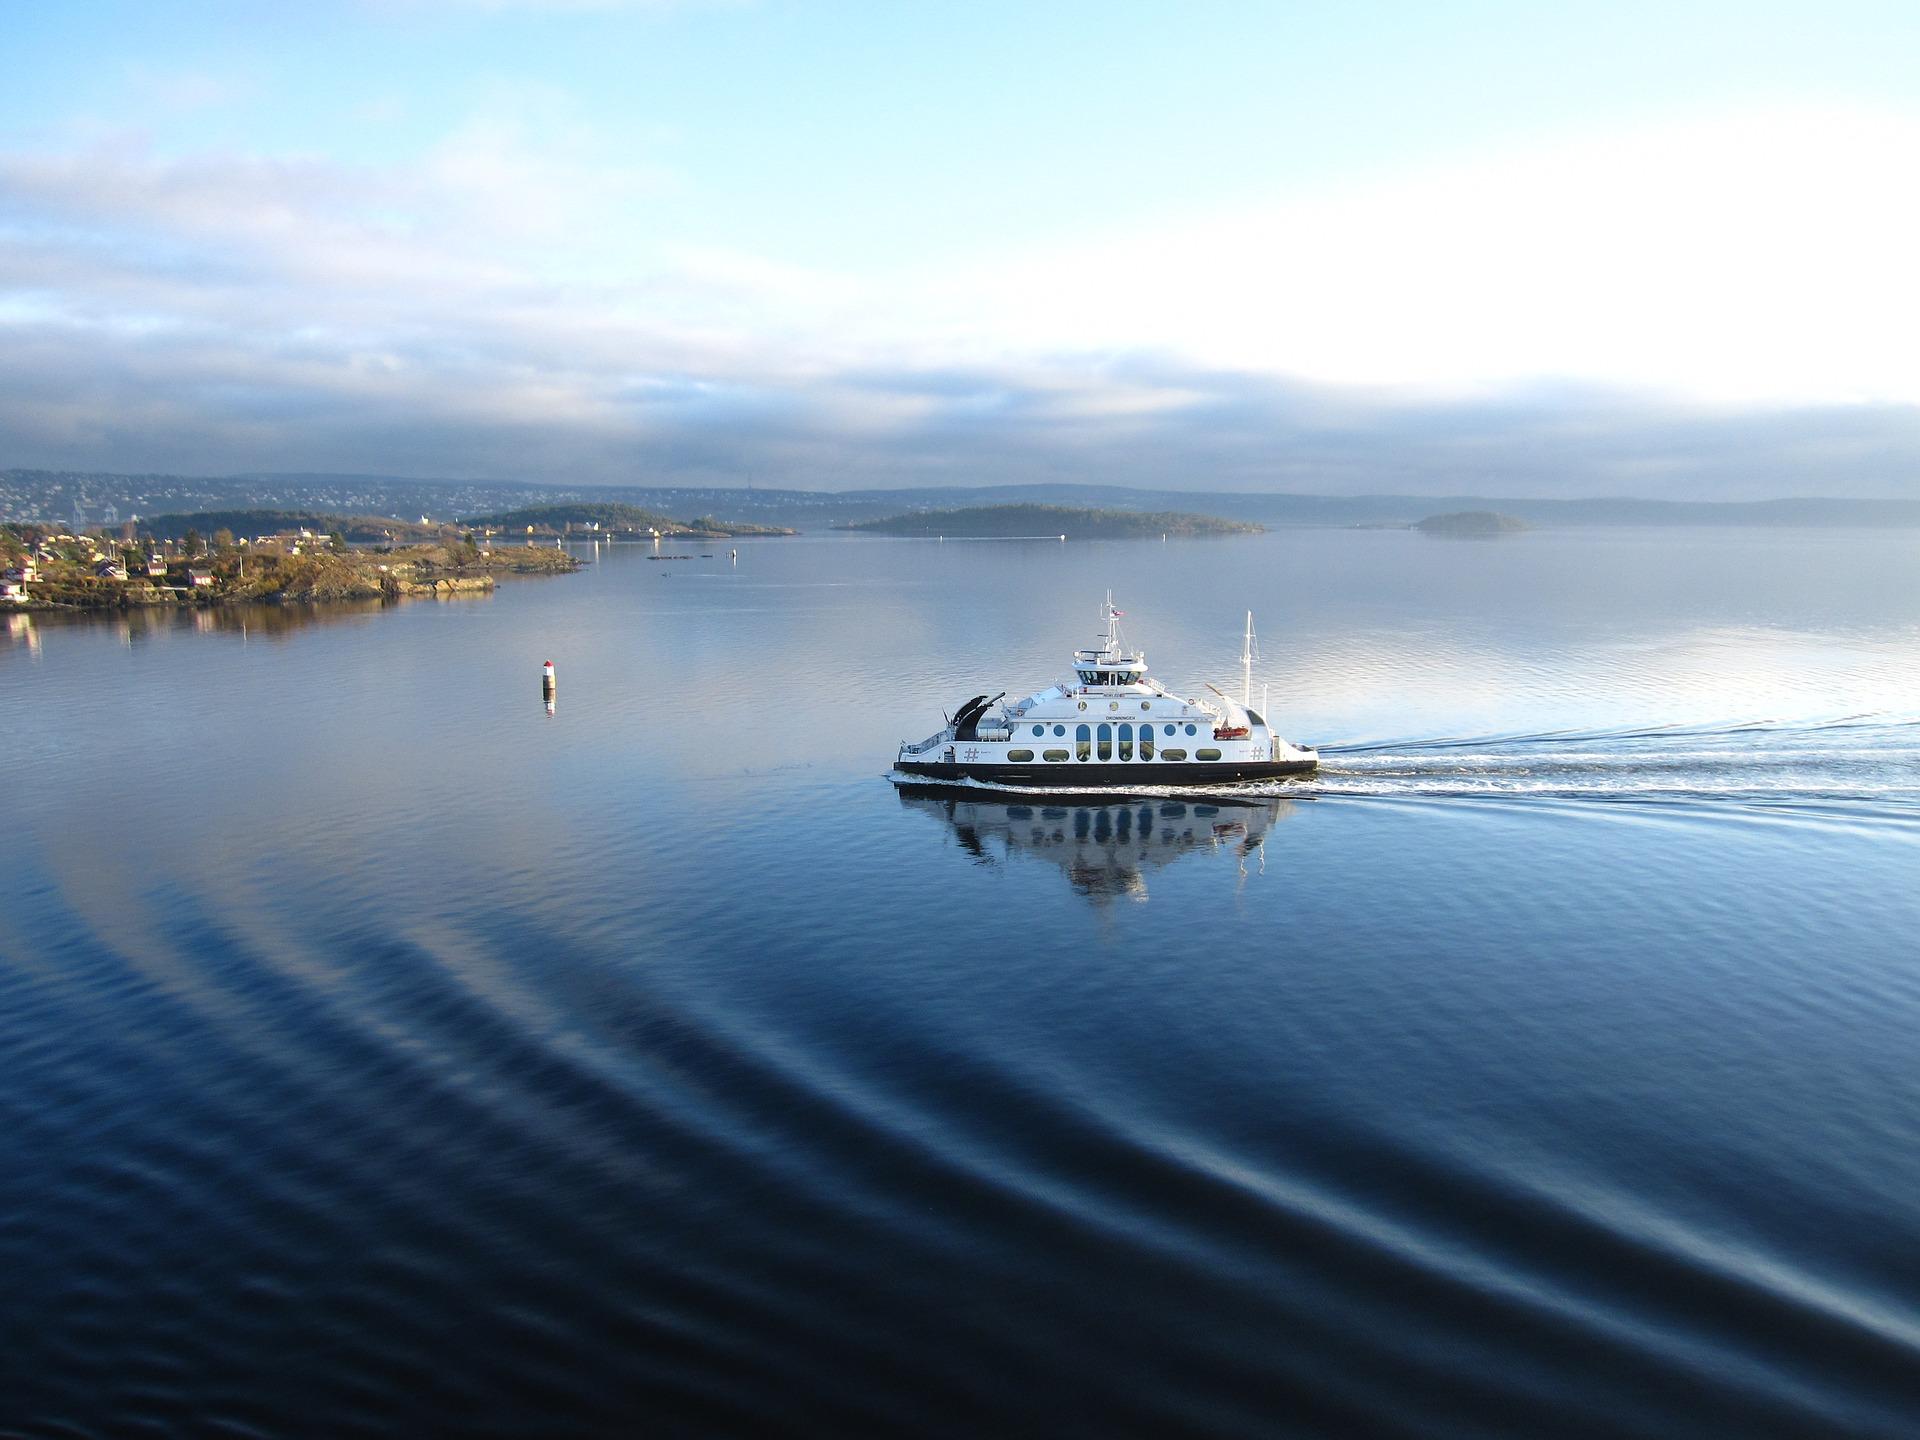 Schiffsrundfahrten sind während einer Städtereise in Oslo sehr gefragt